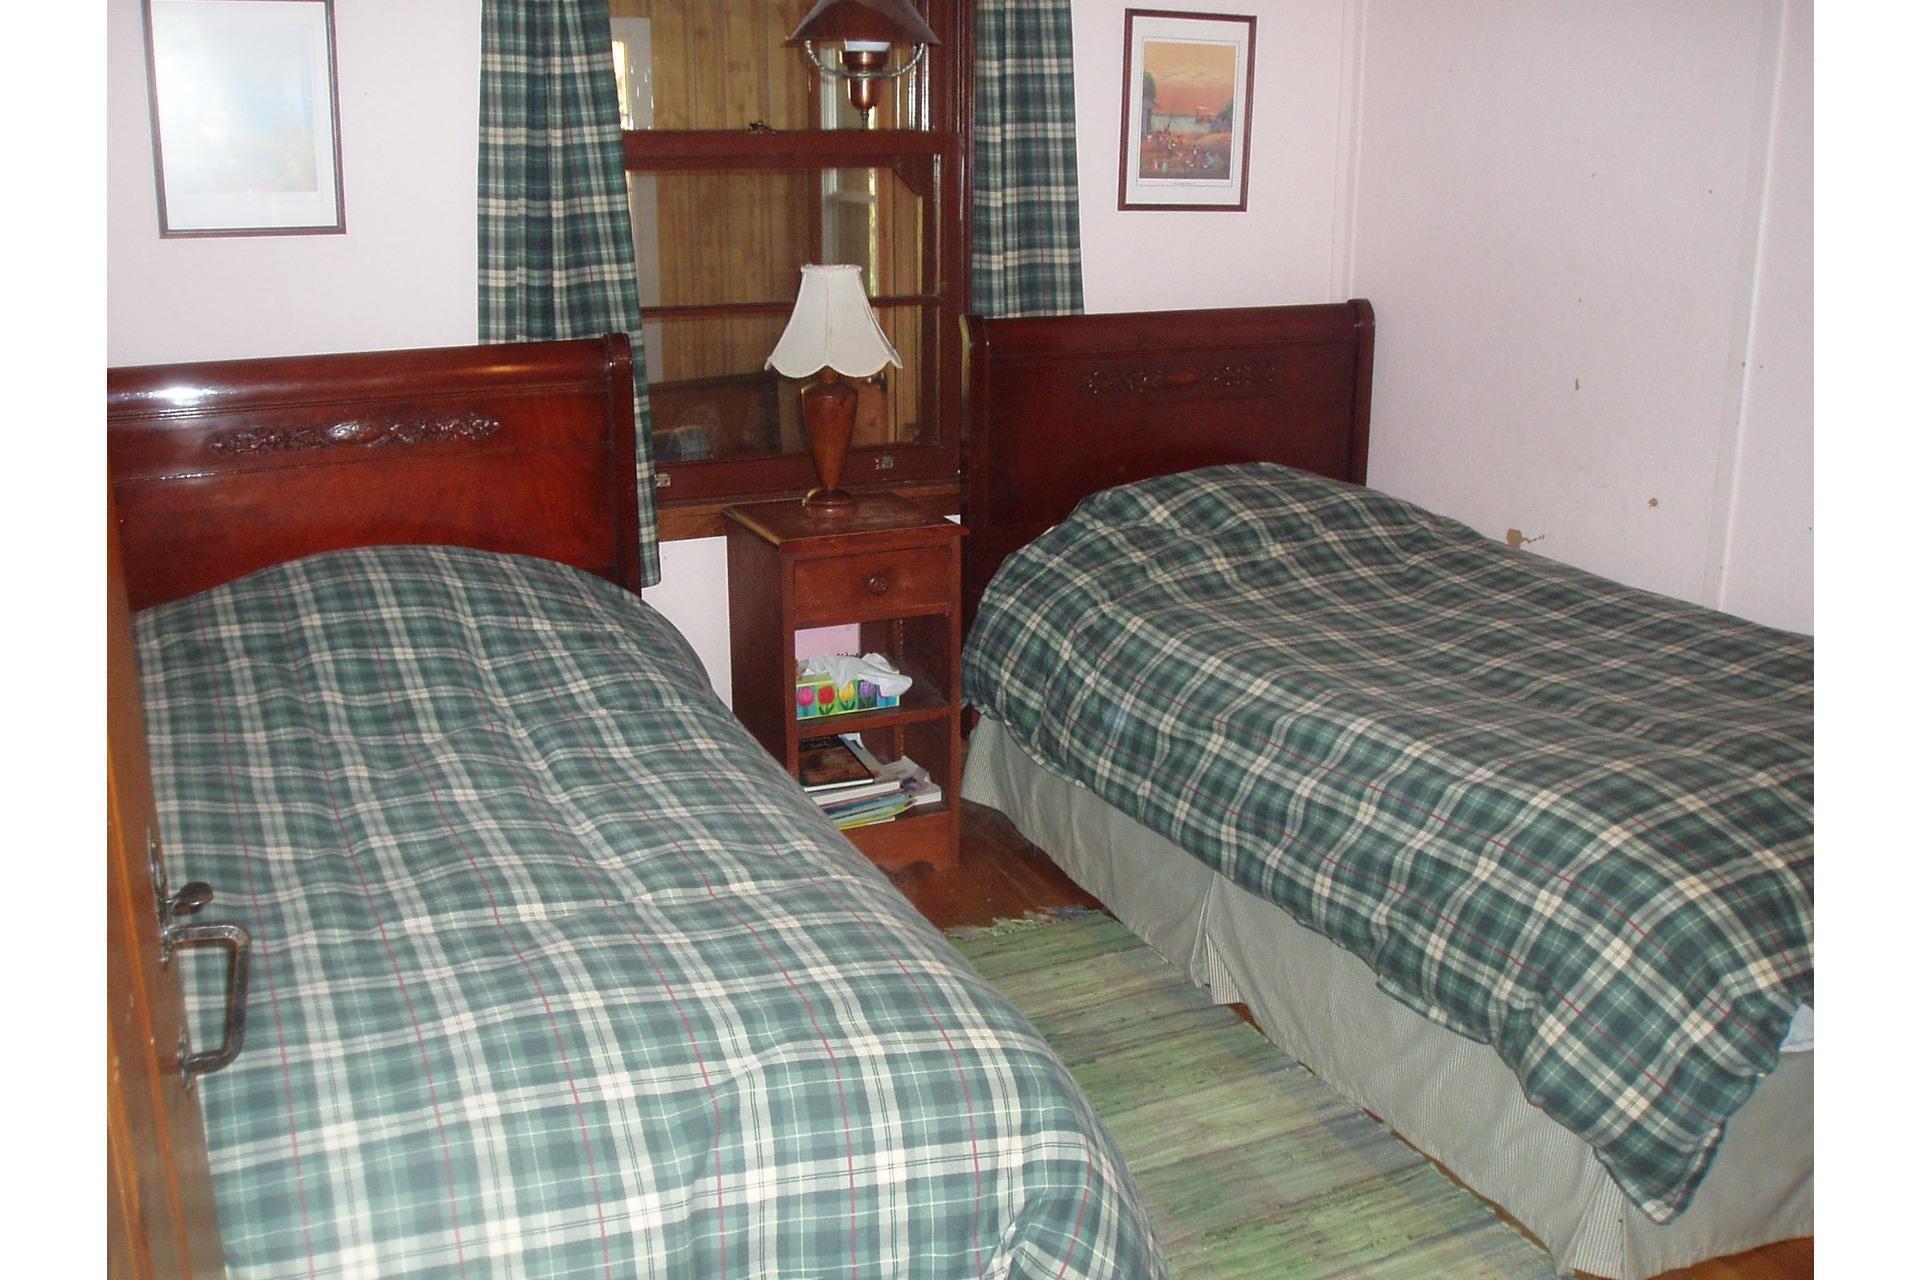 image 4 - House For rent Saint-Faustin/Lac-Carré - 5 rooms